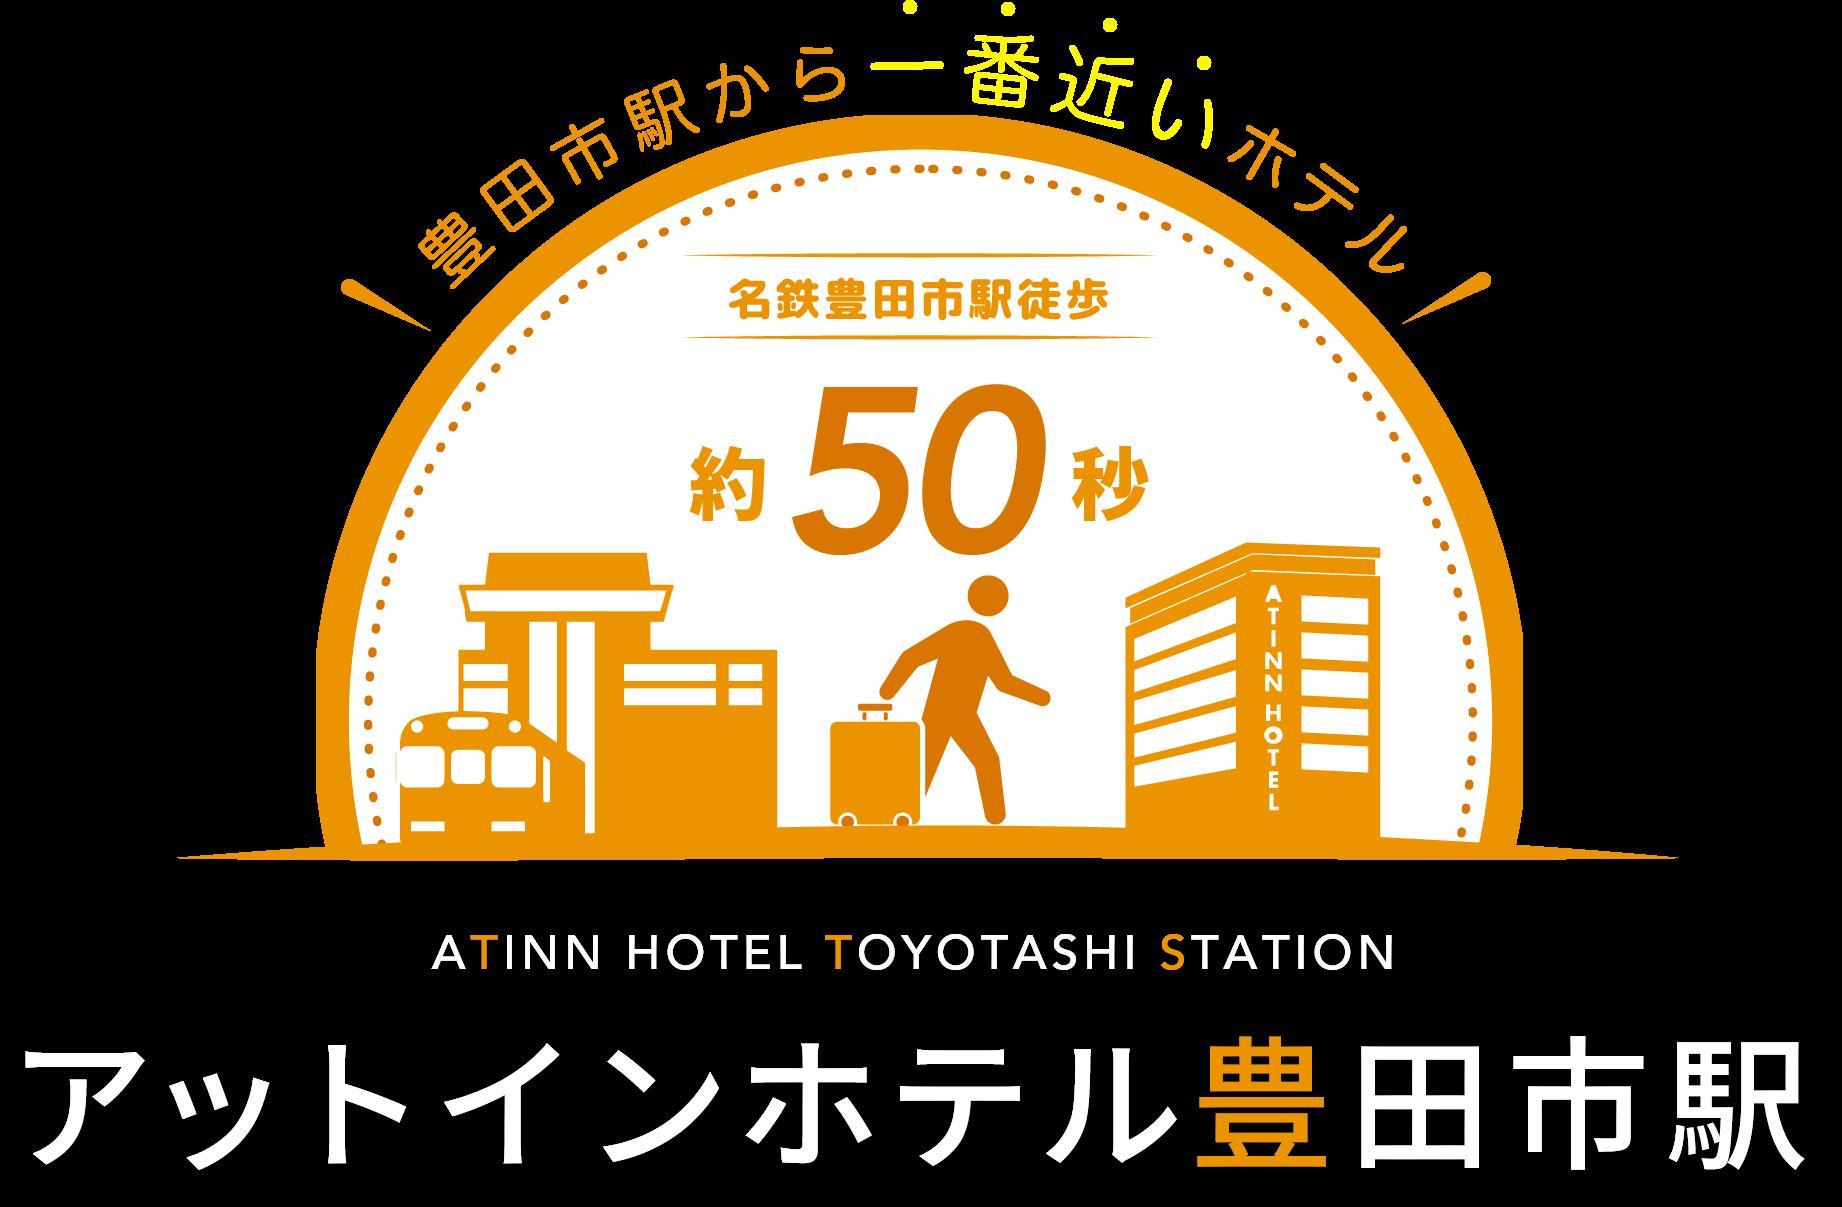 豊田市駅から一番近いホテル アットインホテル豊田市駅